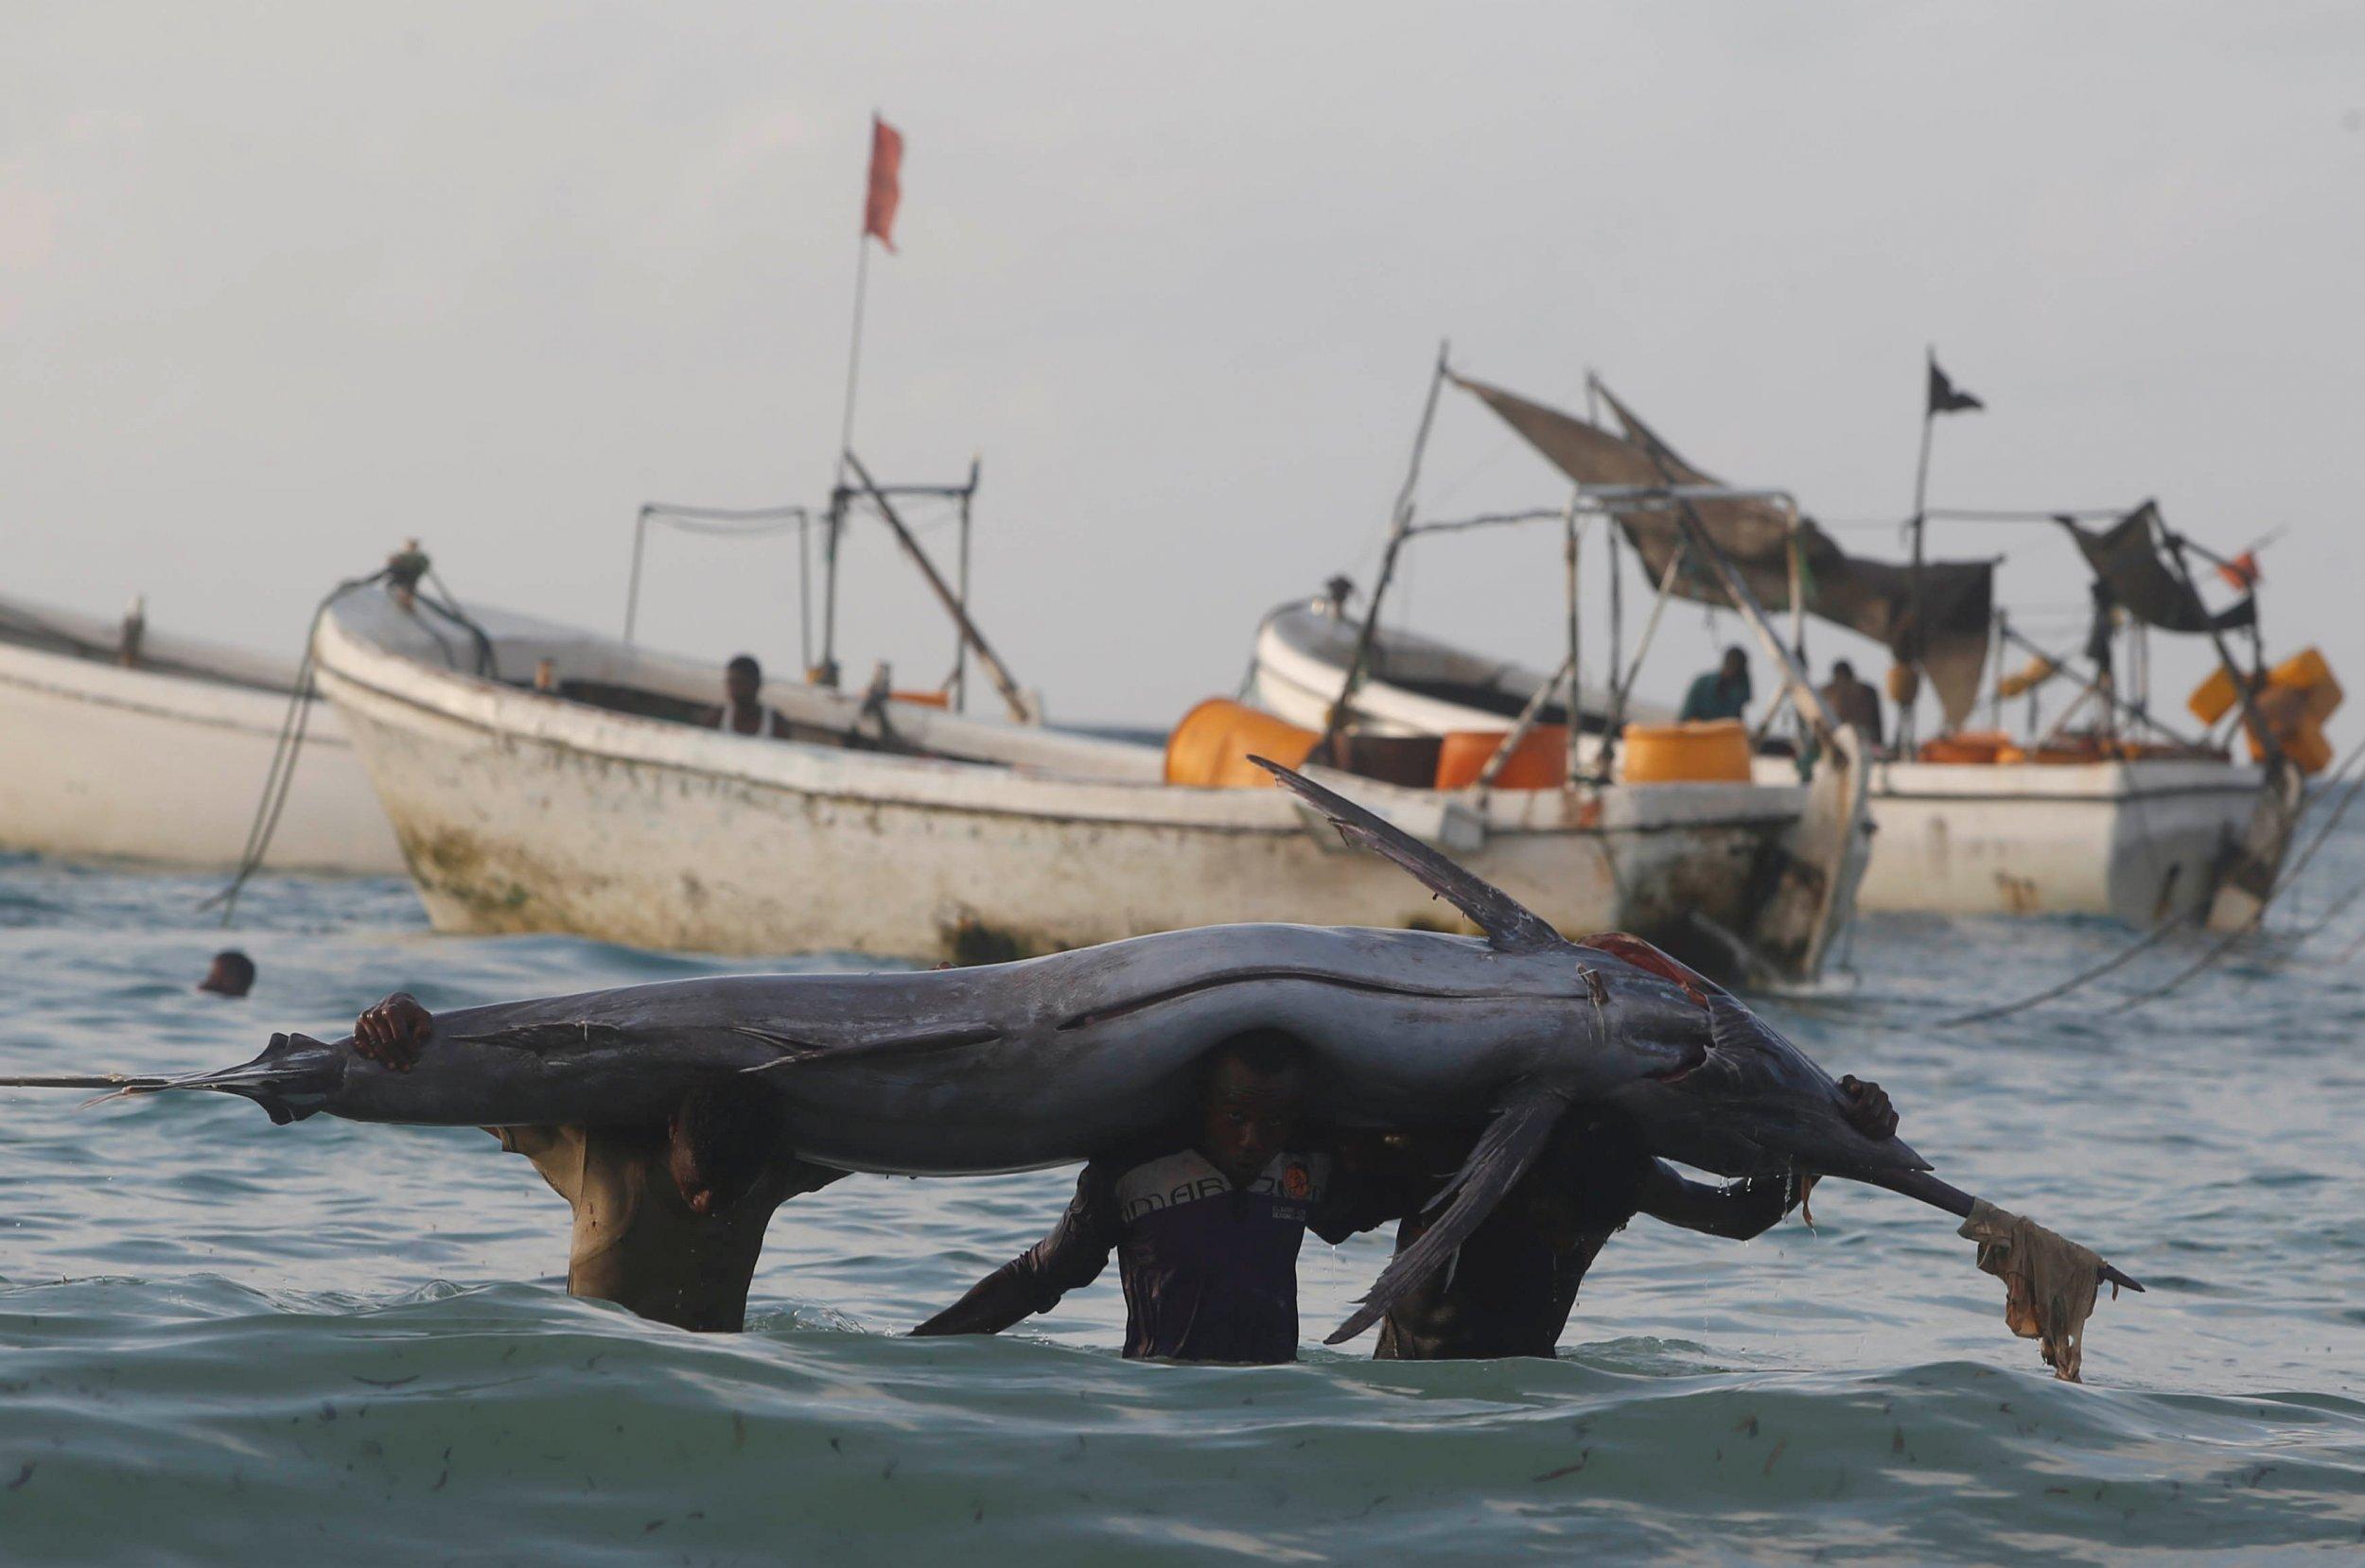 Piracy in Somalia